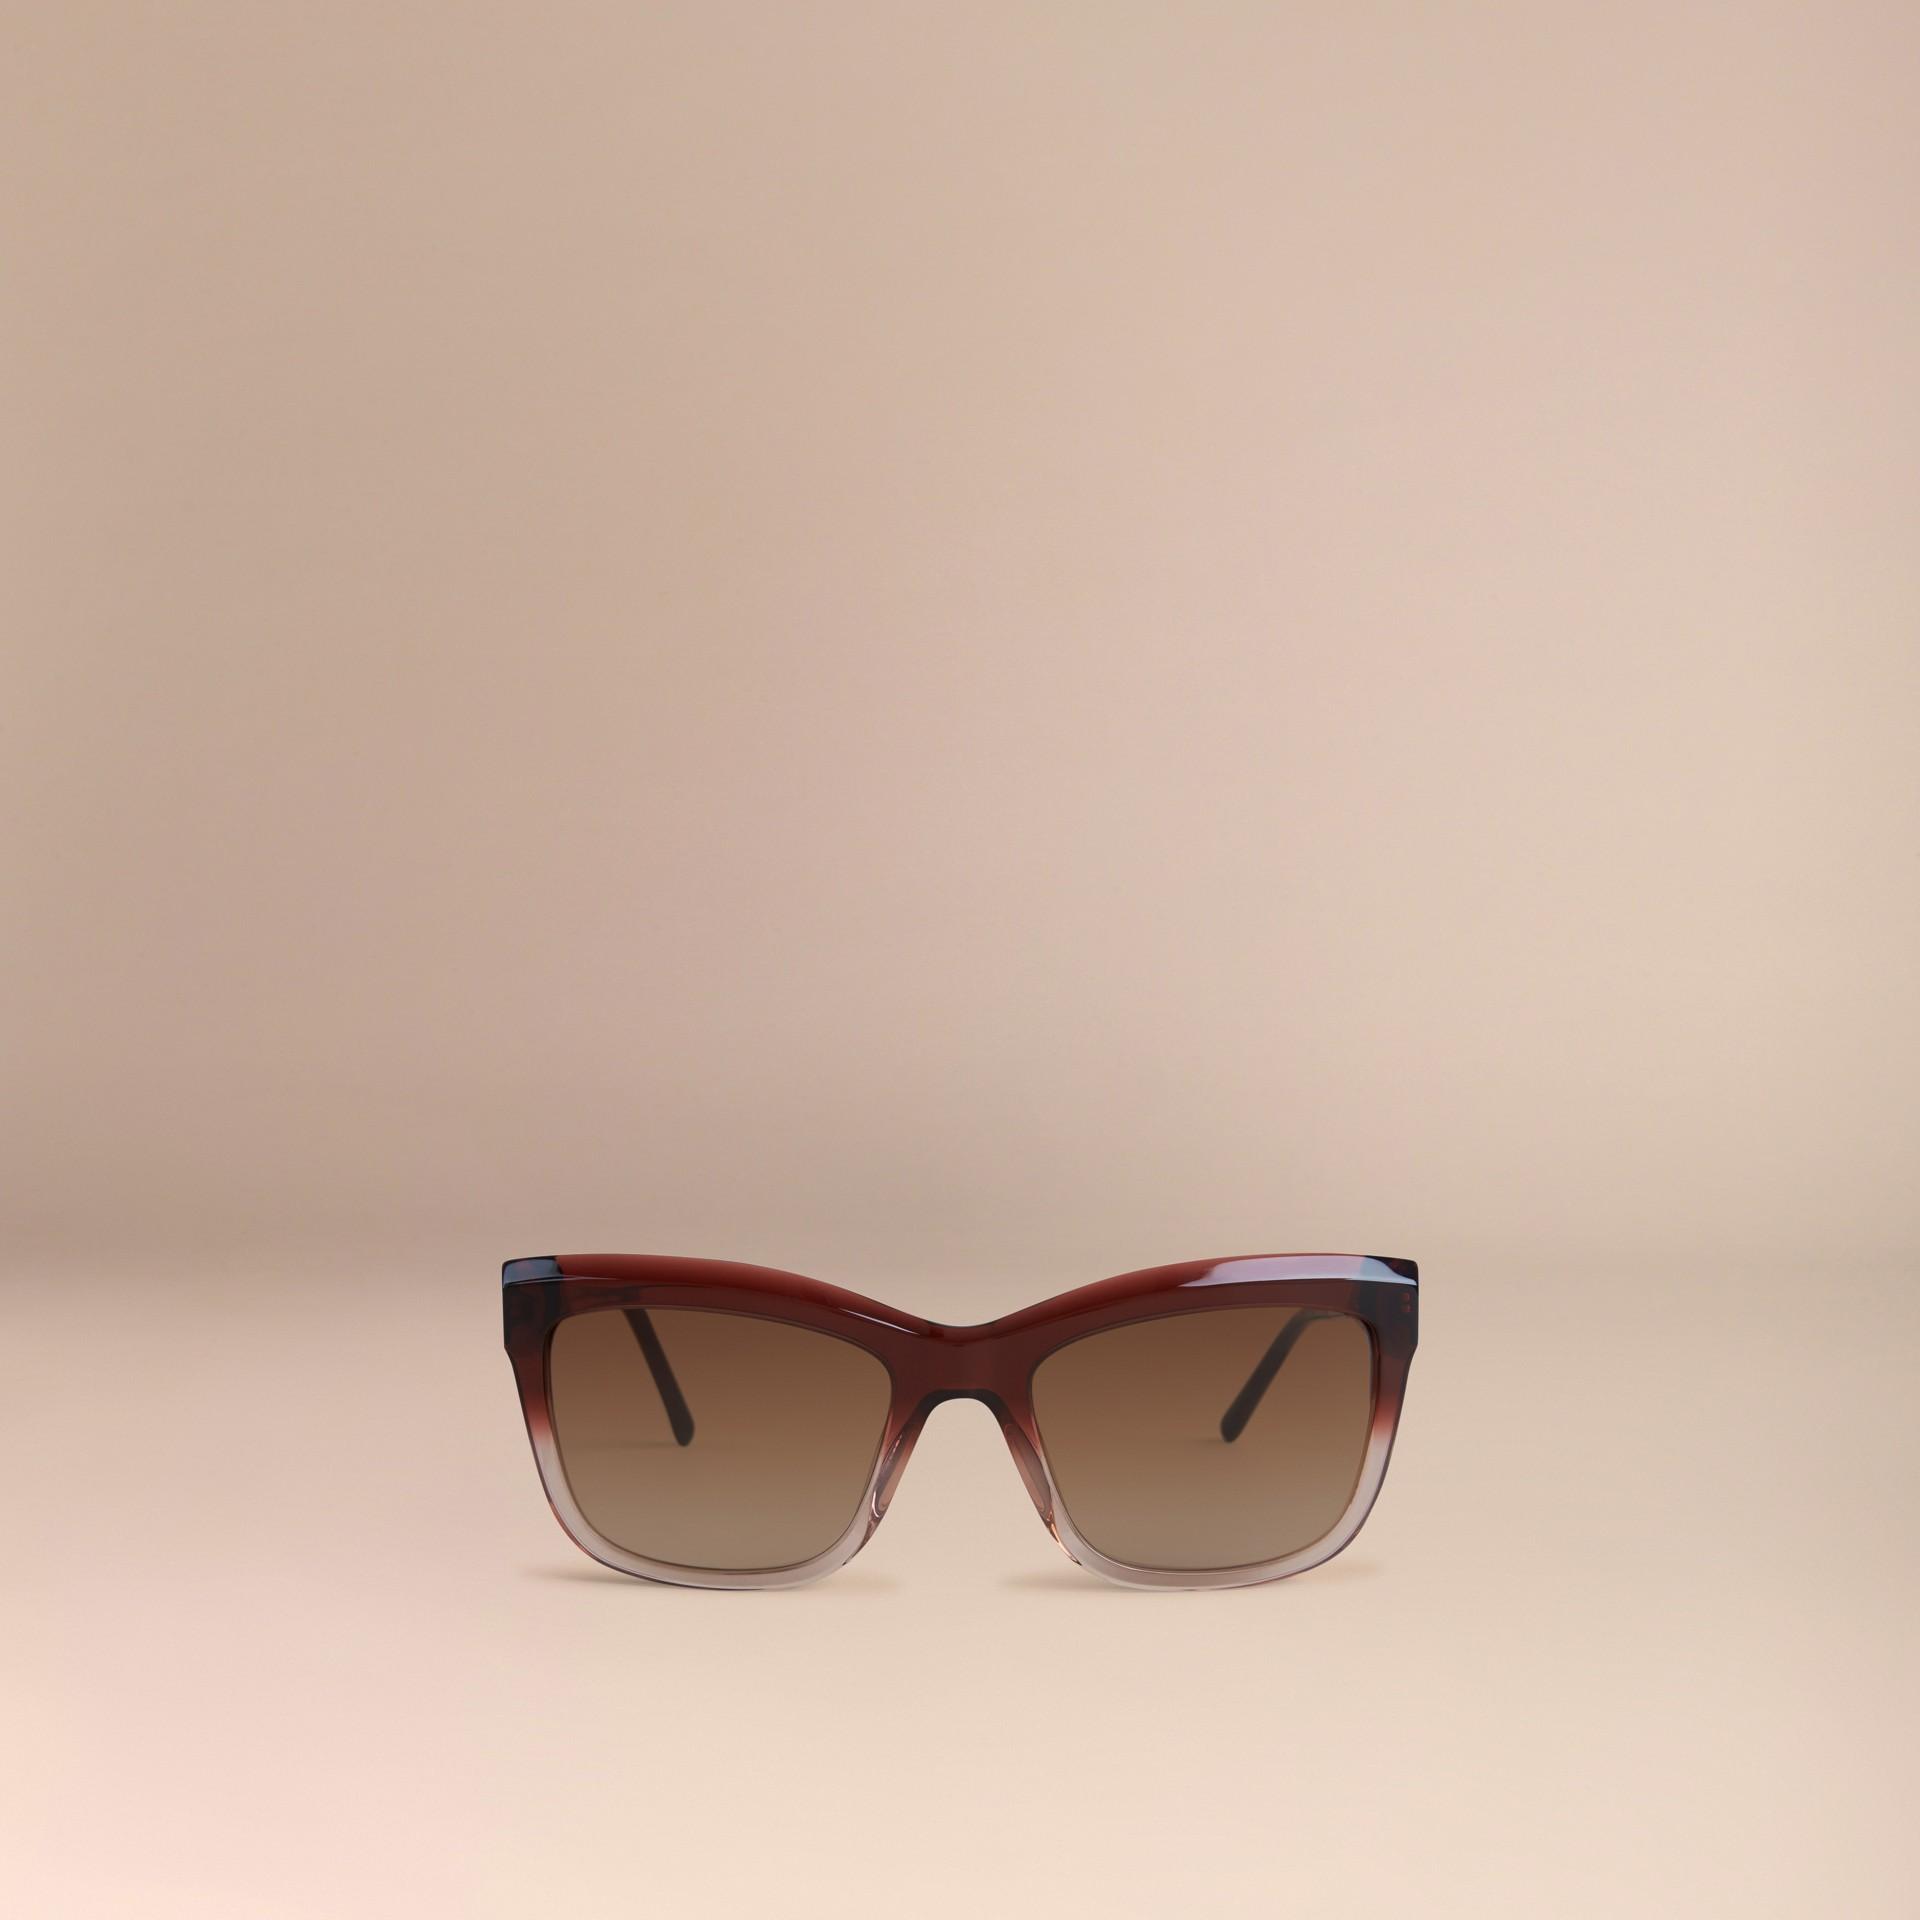 Темный армейский красный Солнцезащитные очки из коллекции Gabardine Lace Темный Армейский Красный - изображение 3